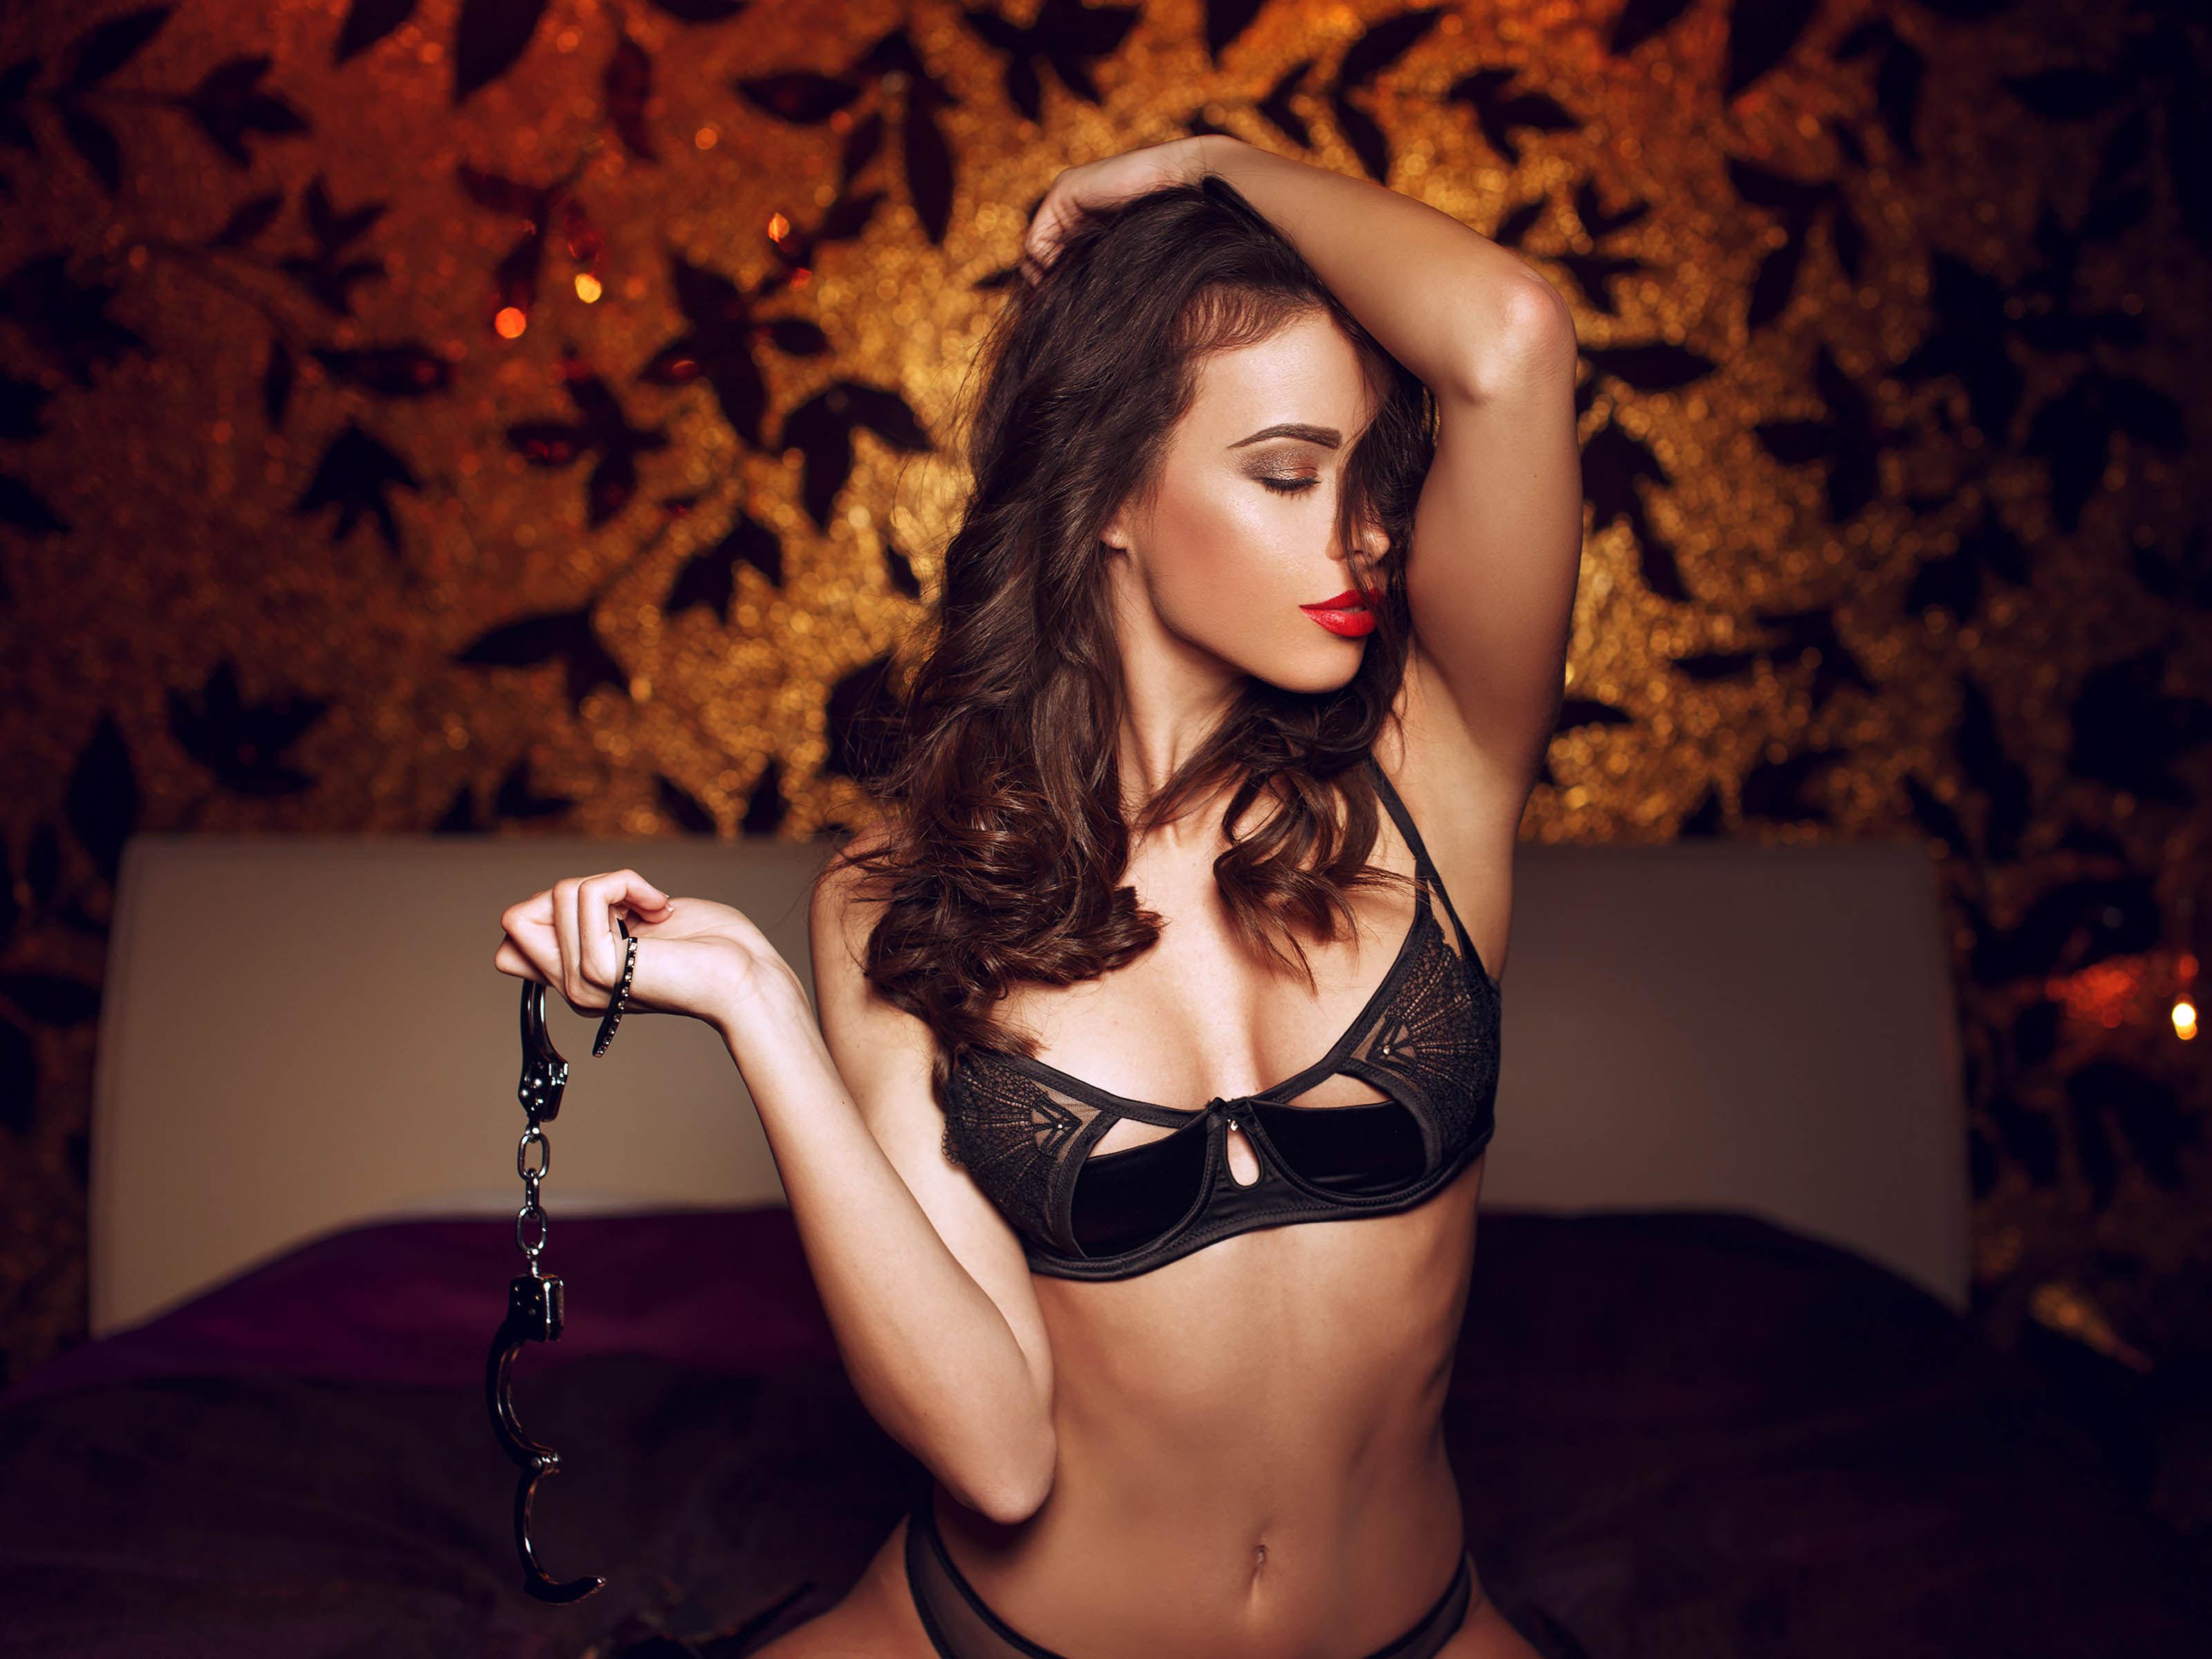 blog espn anal sex